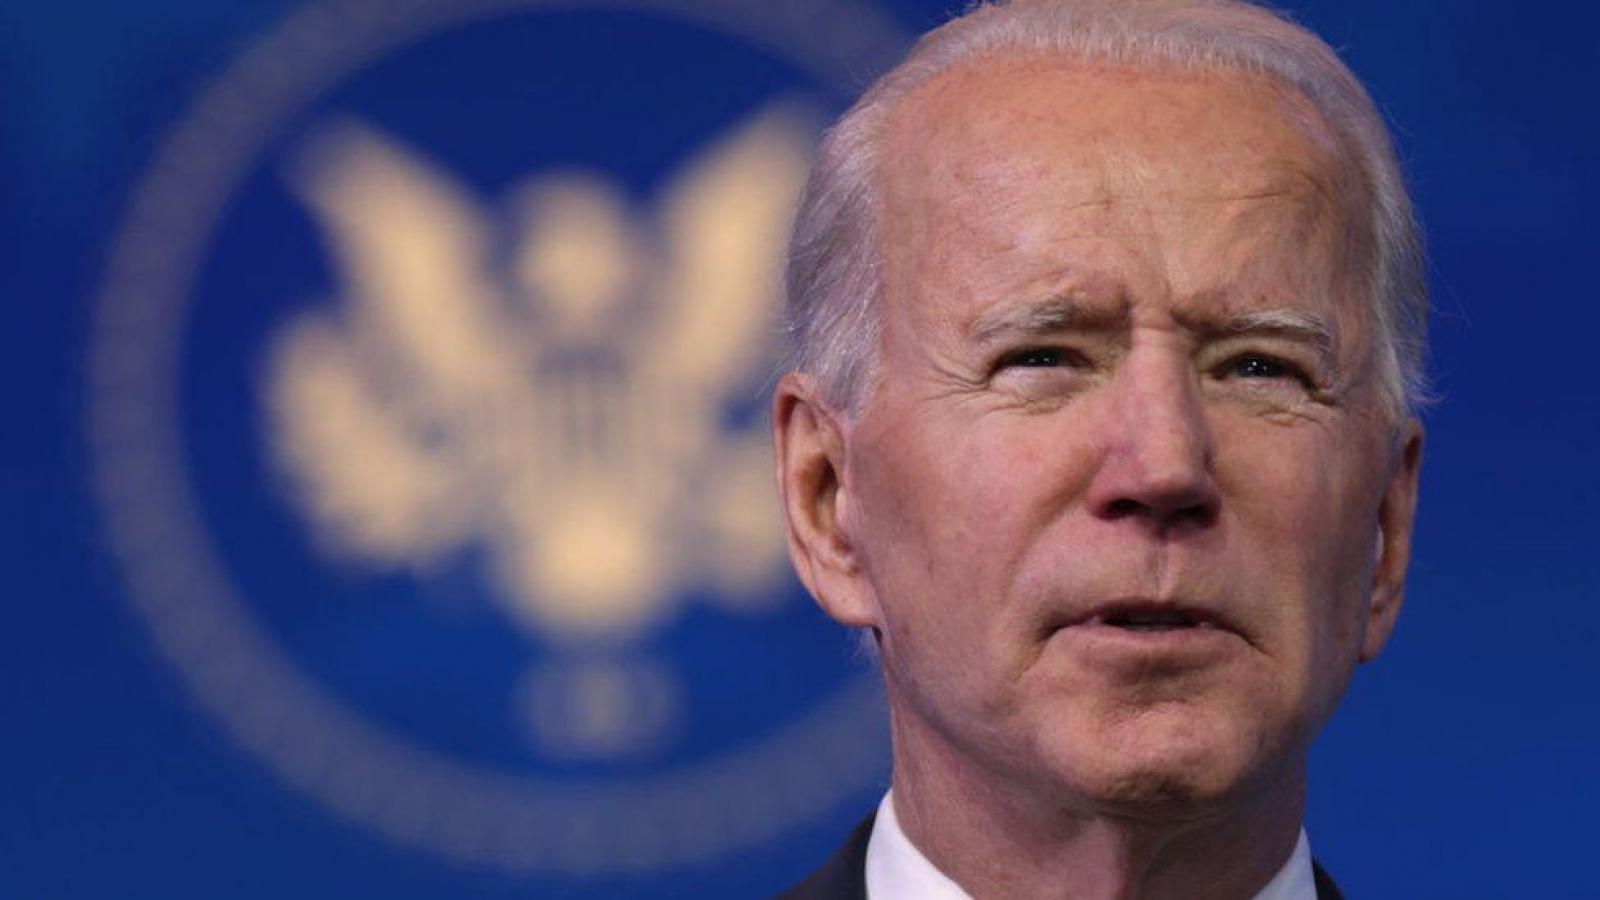 Quốc hội Mỹ tạm thời giúp chính phủ không phải đóng cửa một phần